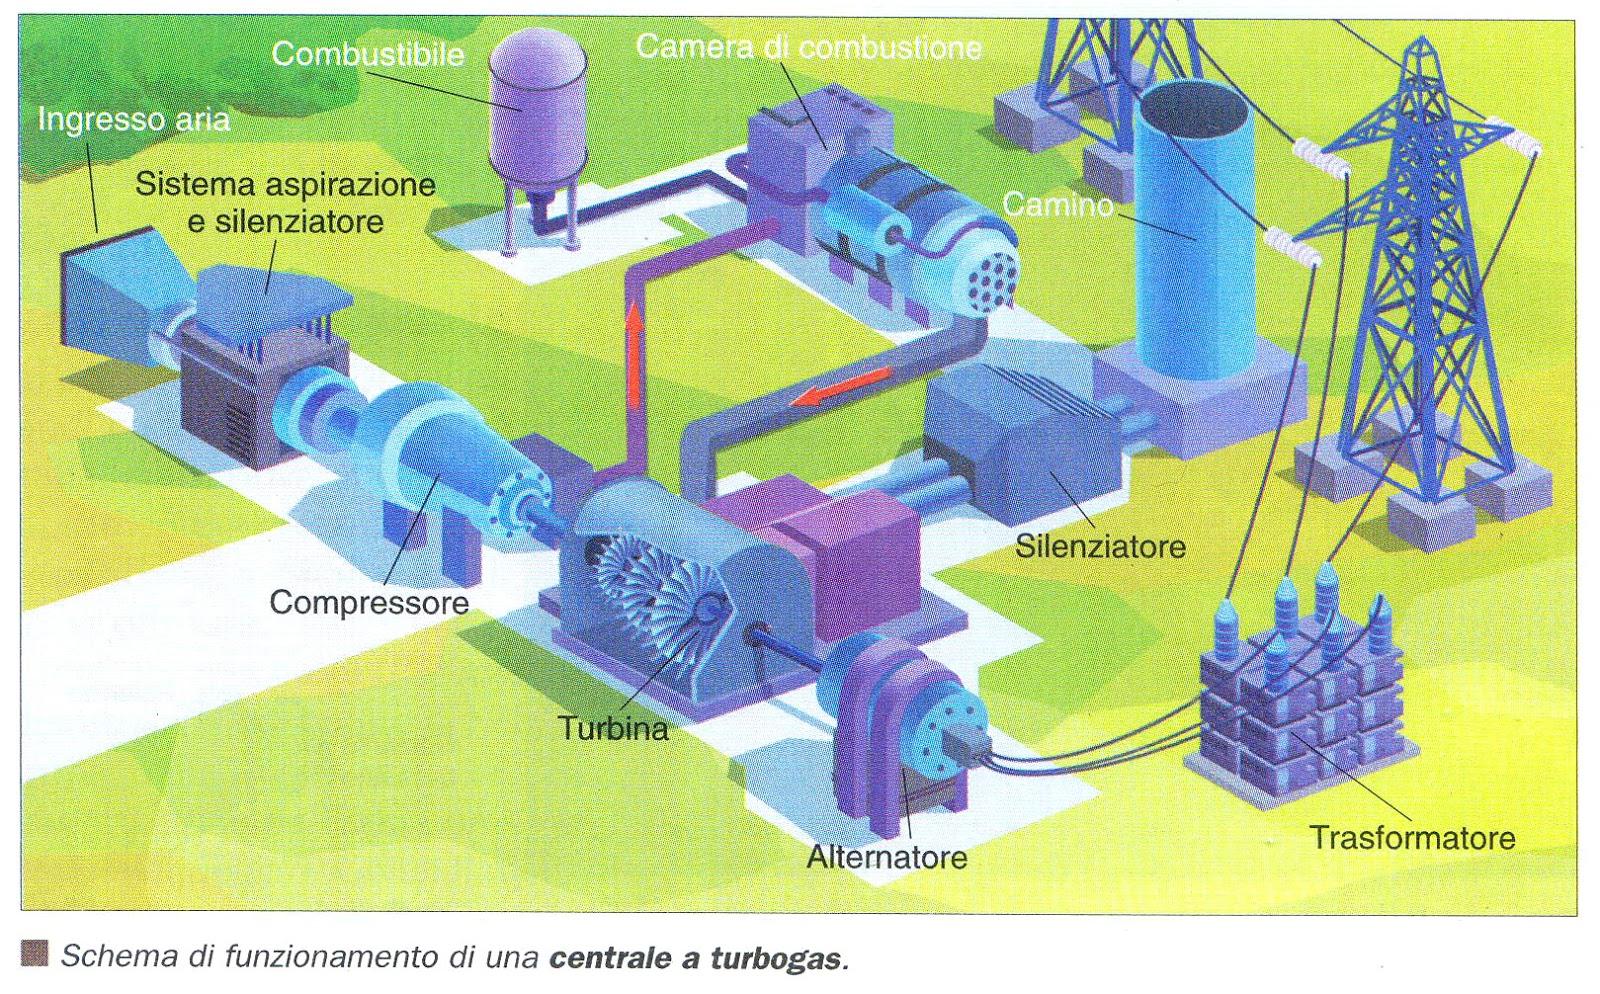 Risultati immagini per centrali turbogas